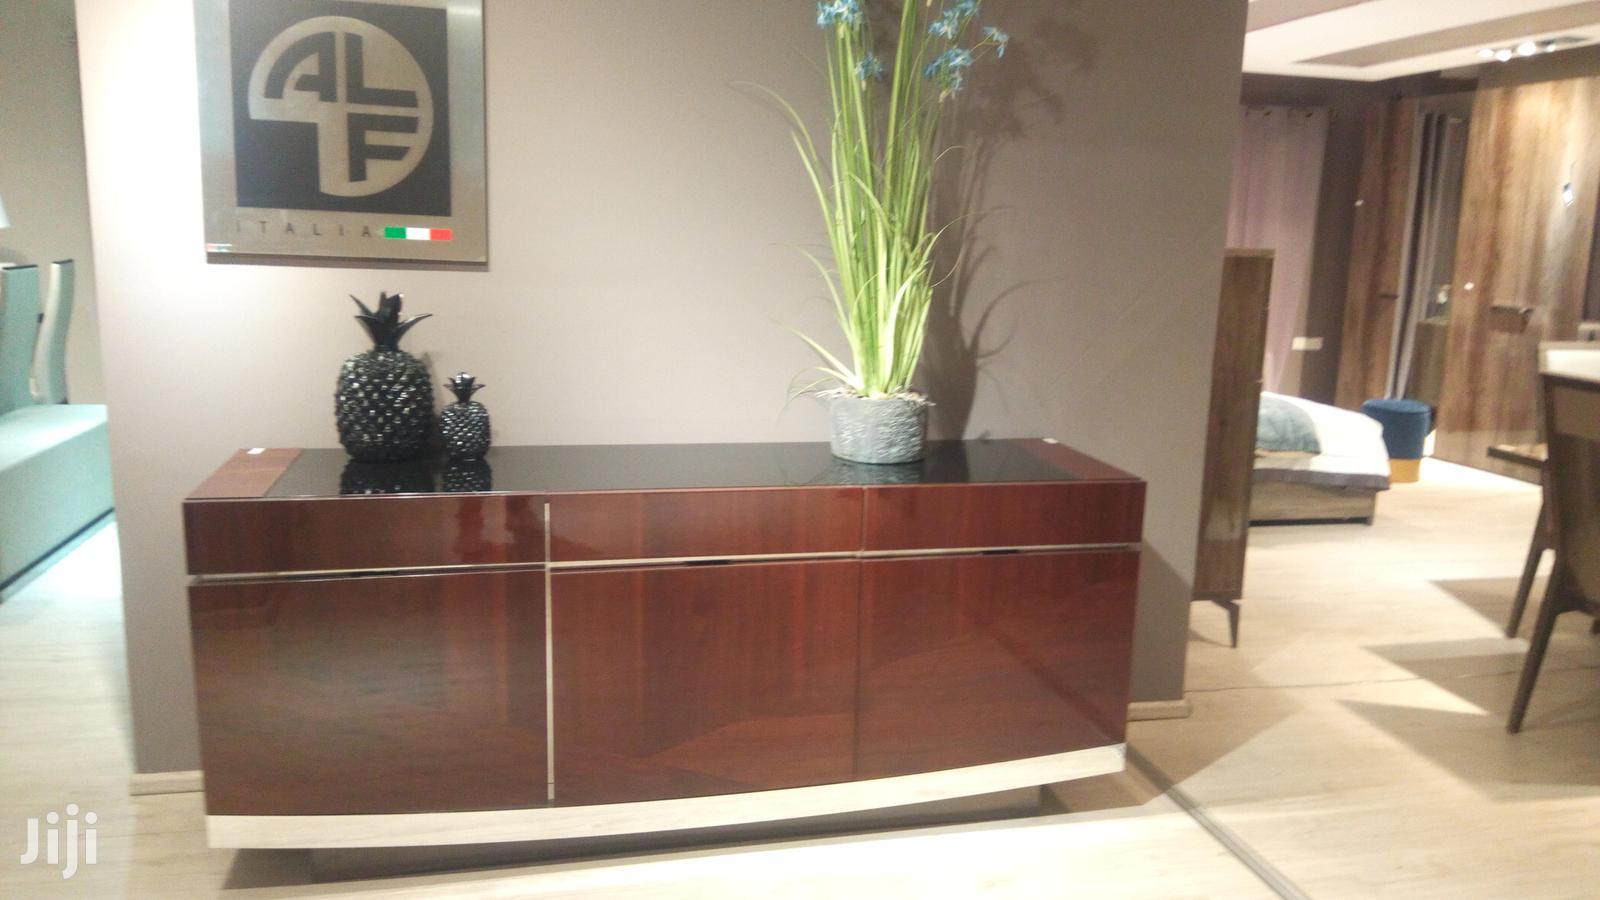 3 DOORS Garda Buffet Alf SIDE DOORS PRODUCT | Furniture for sale in Accra Metropolitan, Greater Accra, Ghana